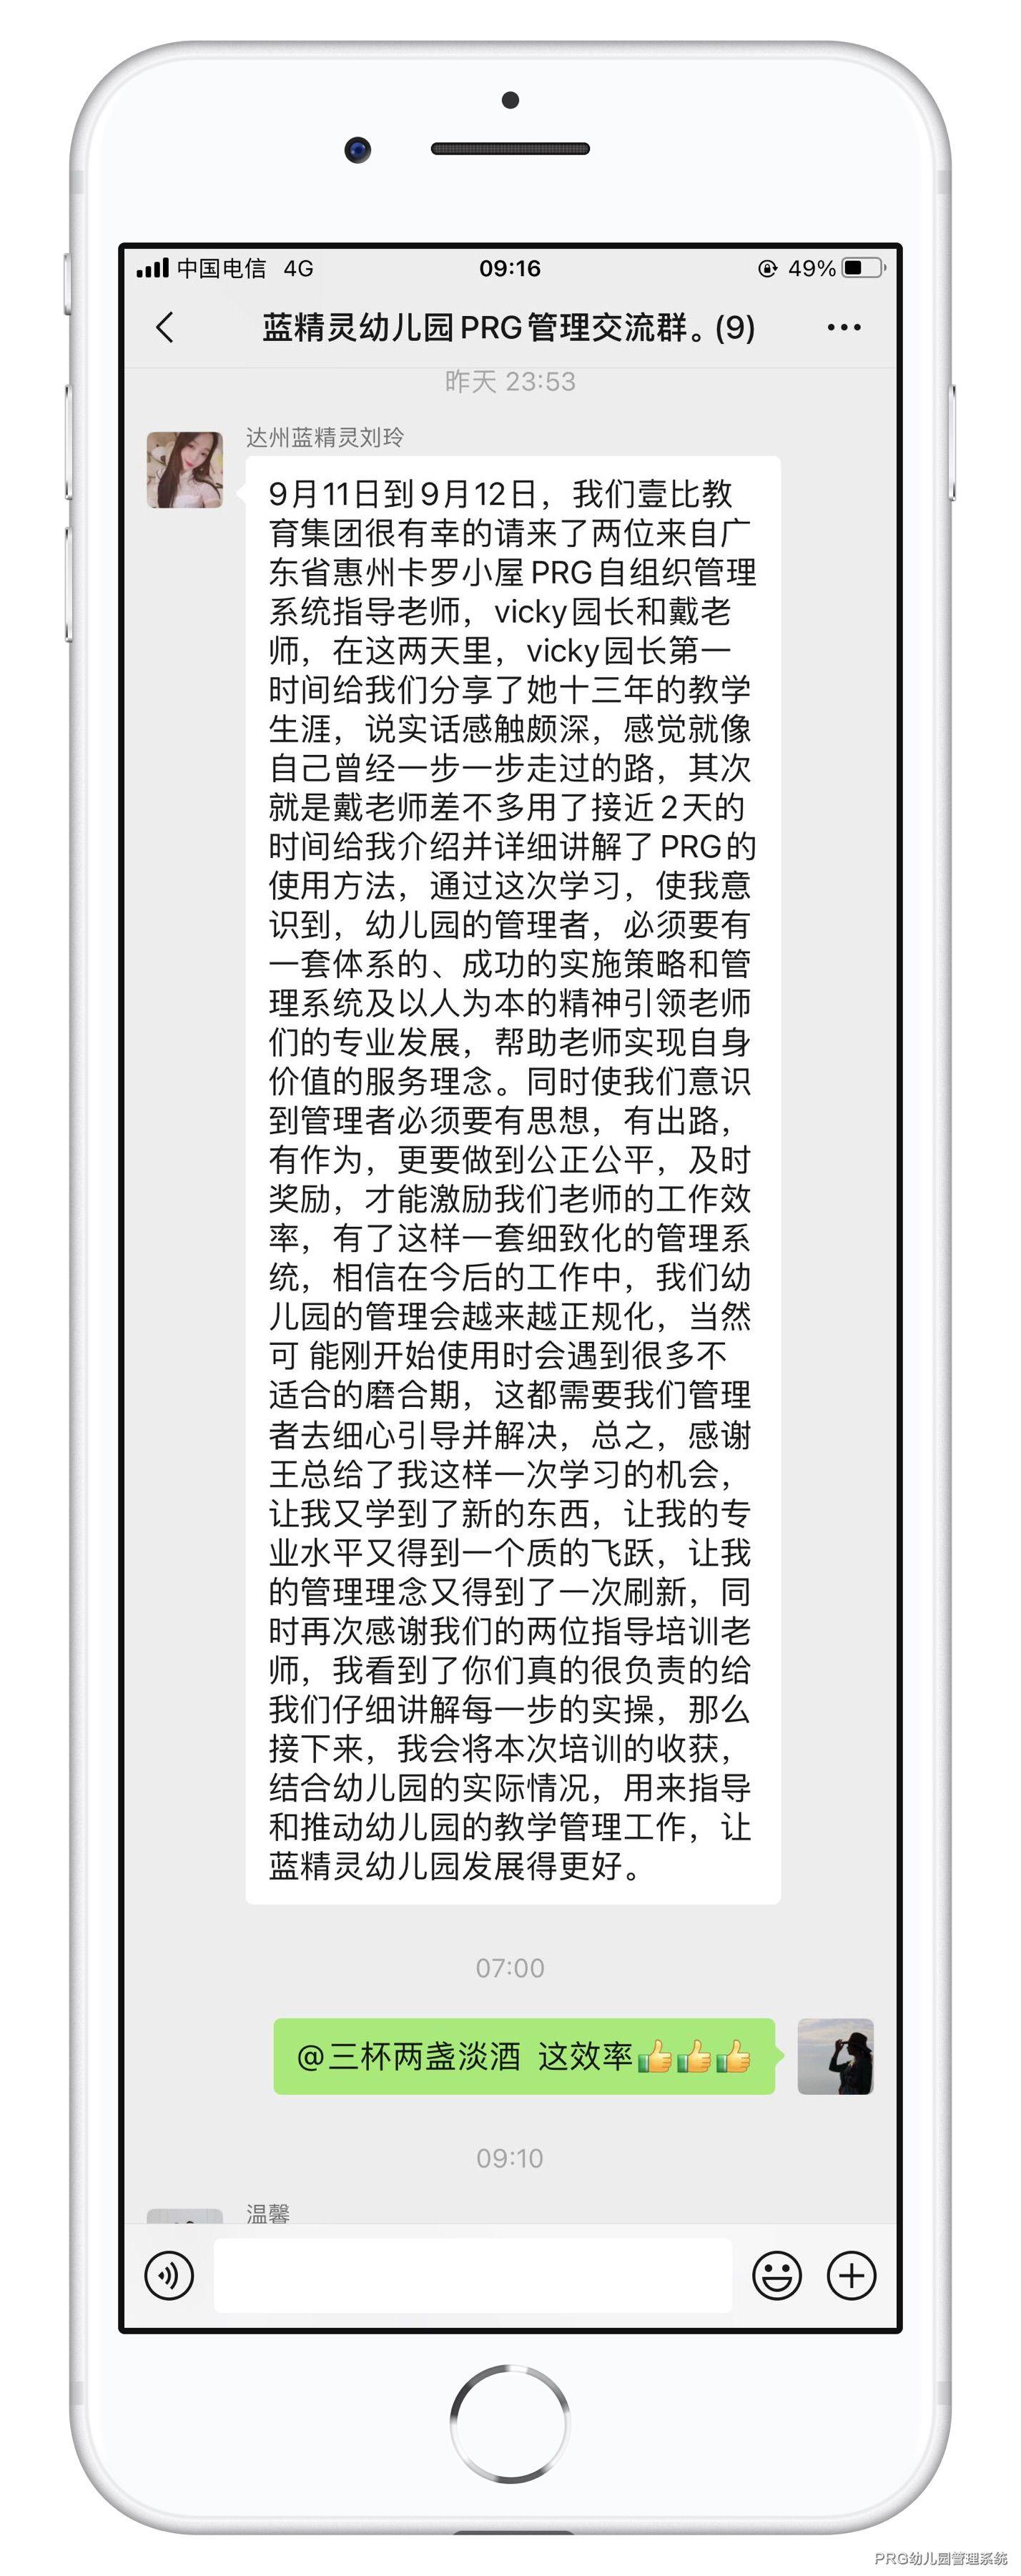 蓝精灵<a href=https://www.xiaoxianprg.com/ target=_blank class=infotextkey>幼儿园管理系统</a>用户反馈